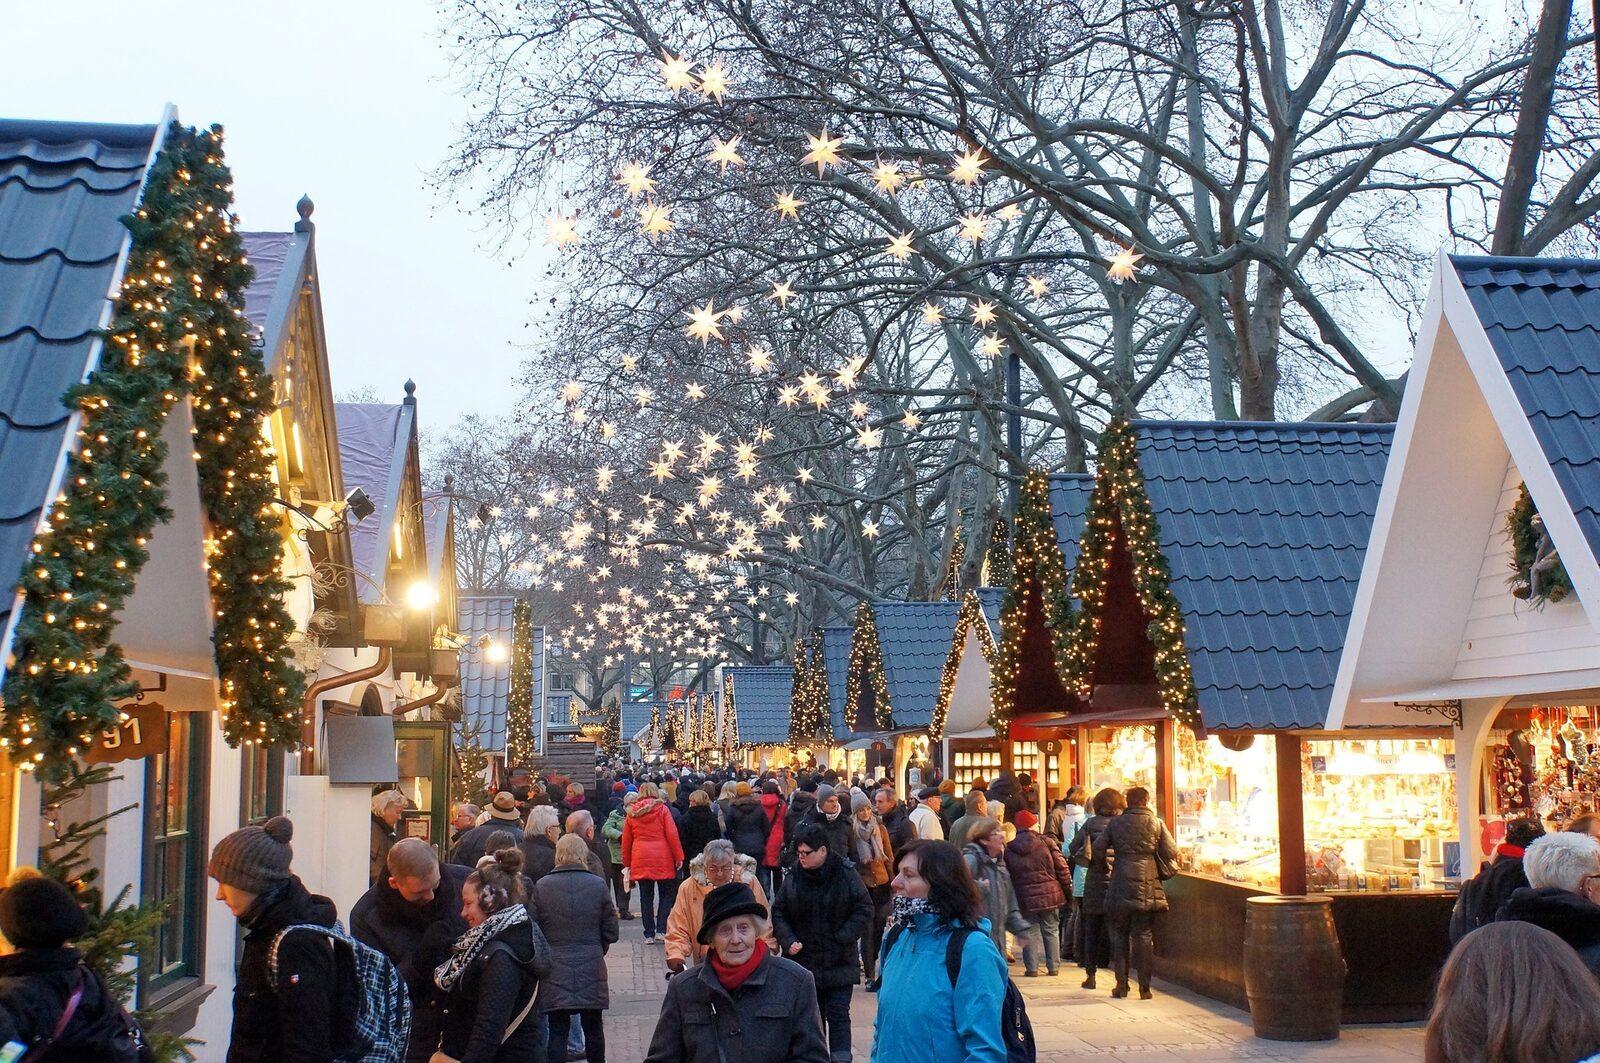 Christmas city Valkenburg